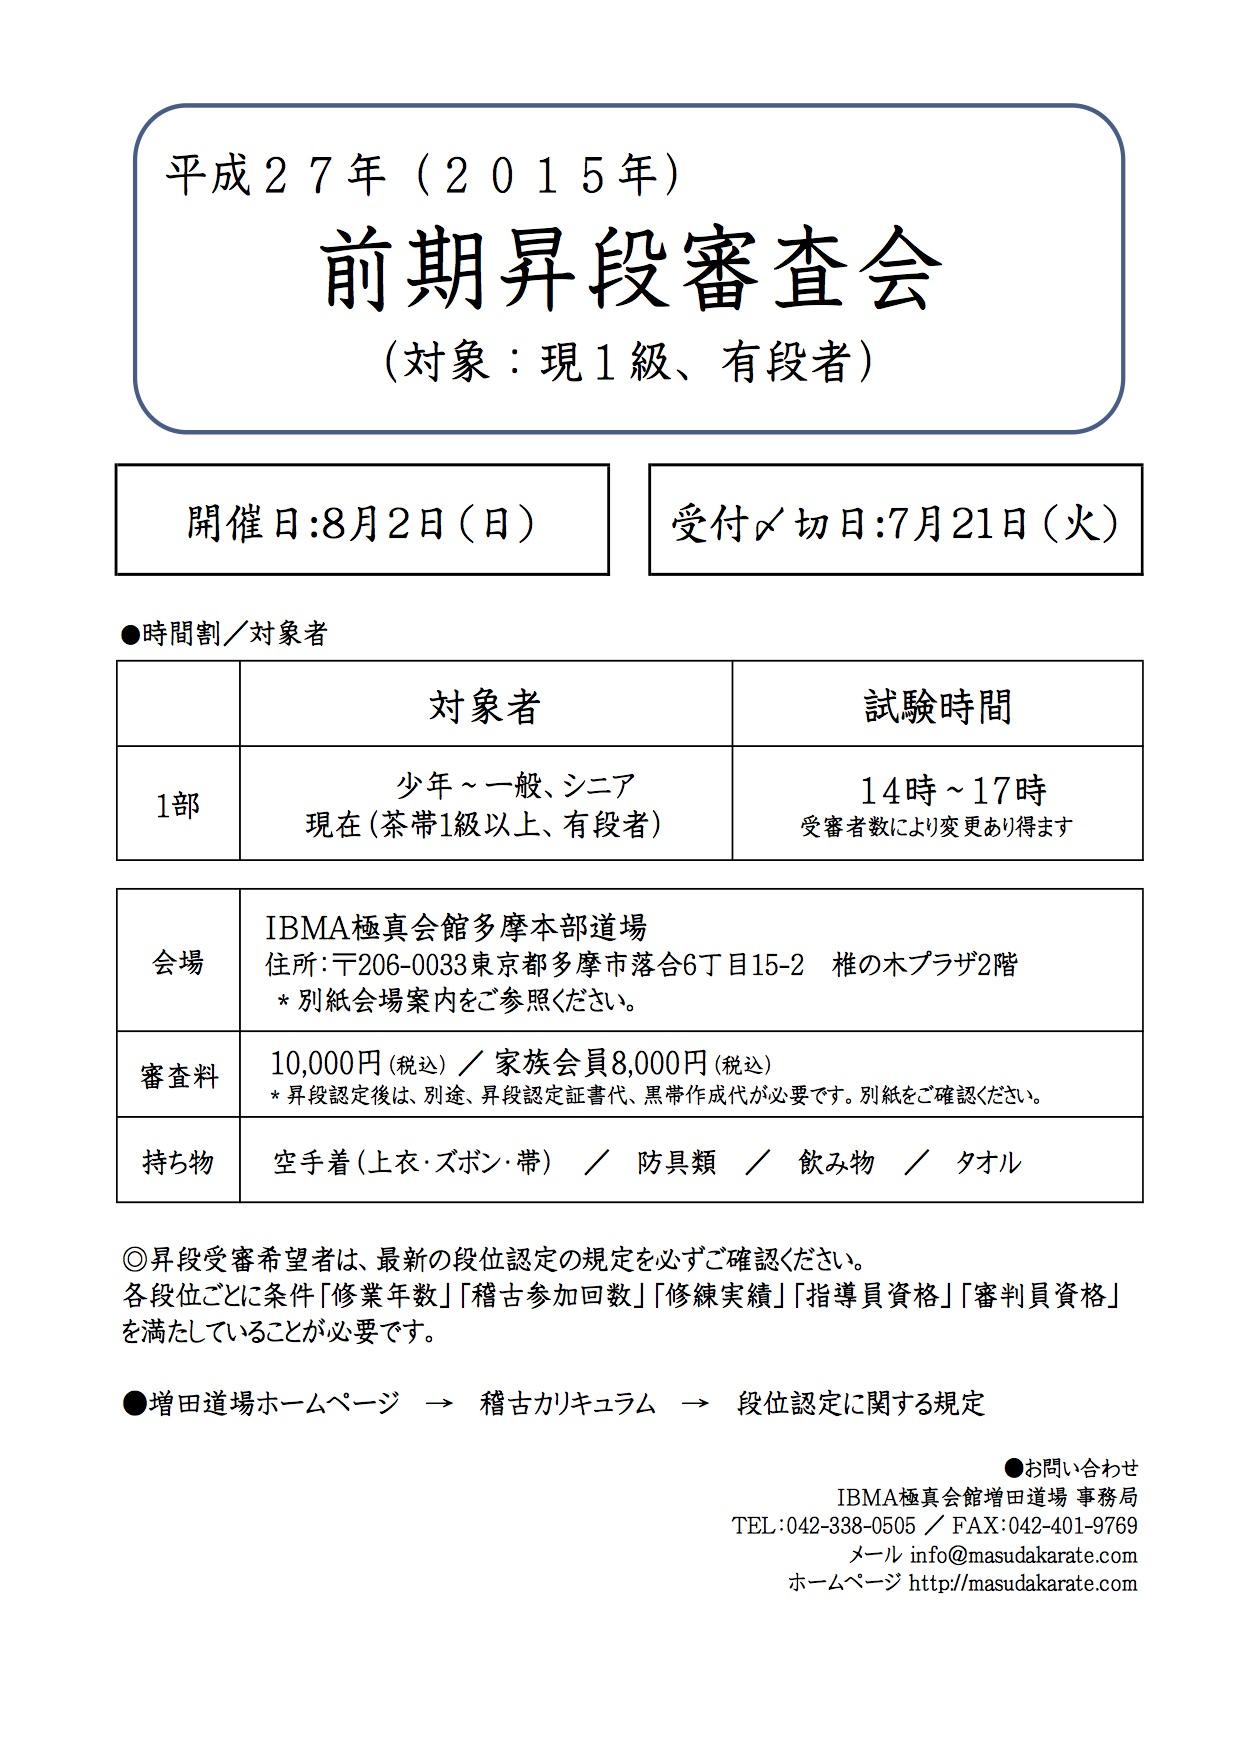 2015年 前期 昇段審査 告知8月2日